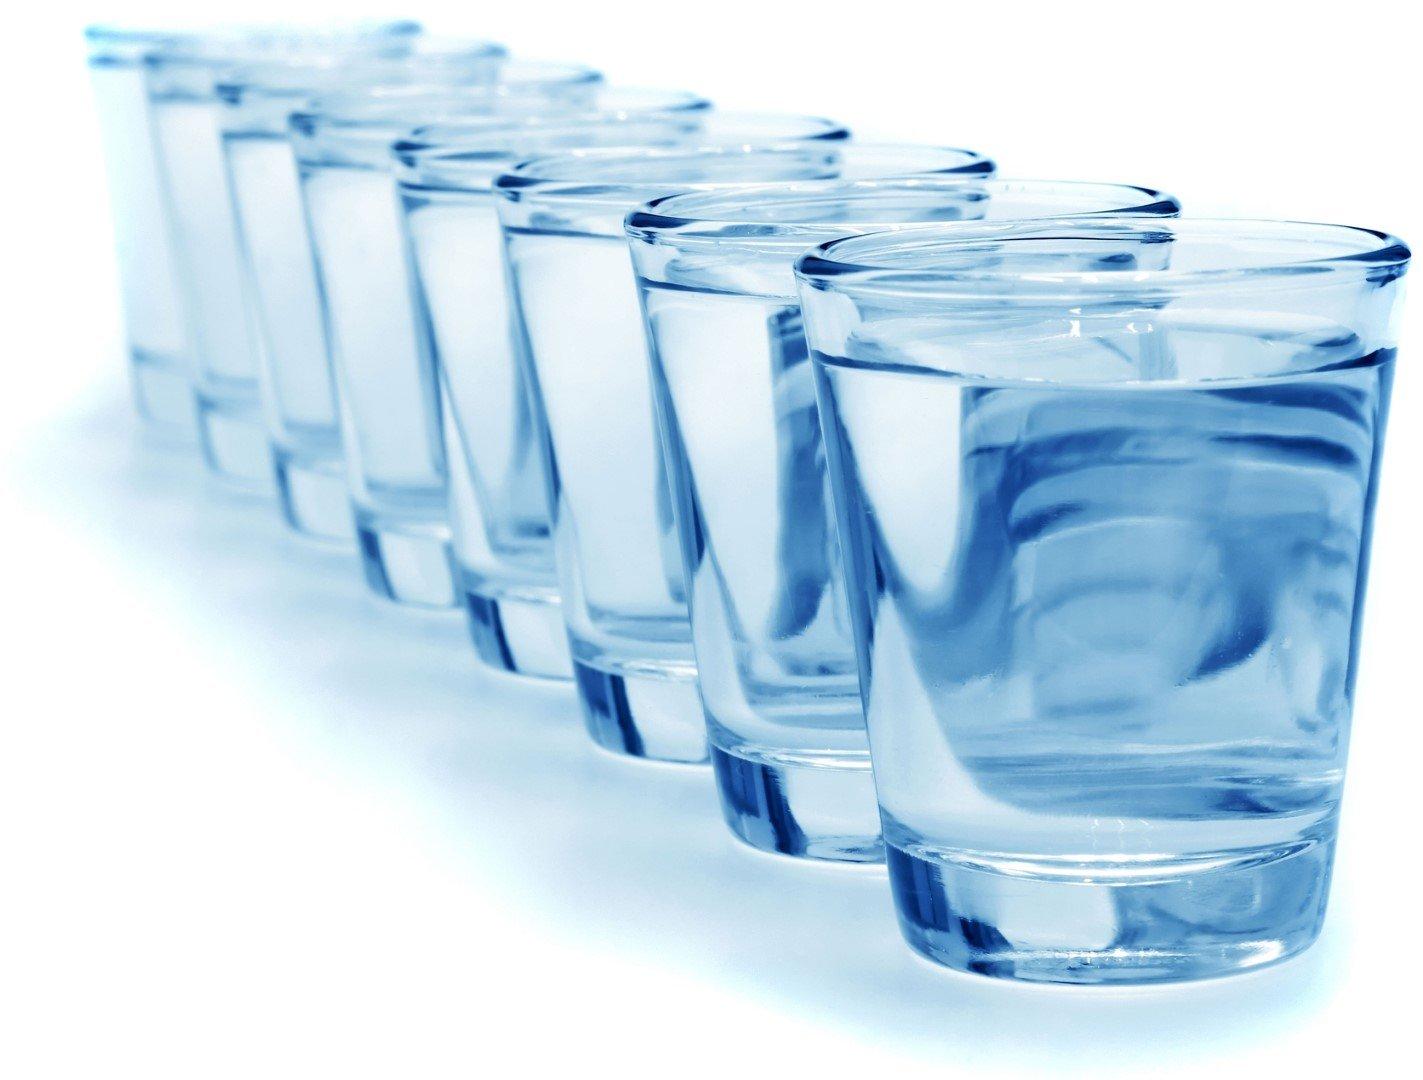 вода, питьевая вода, правильное питание, норма потребления воды